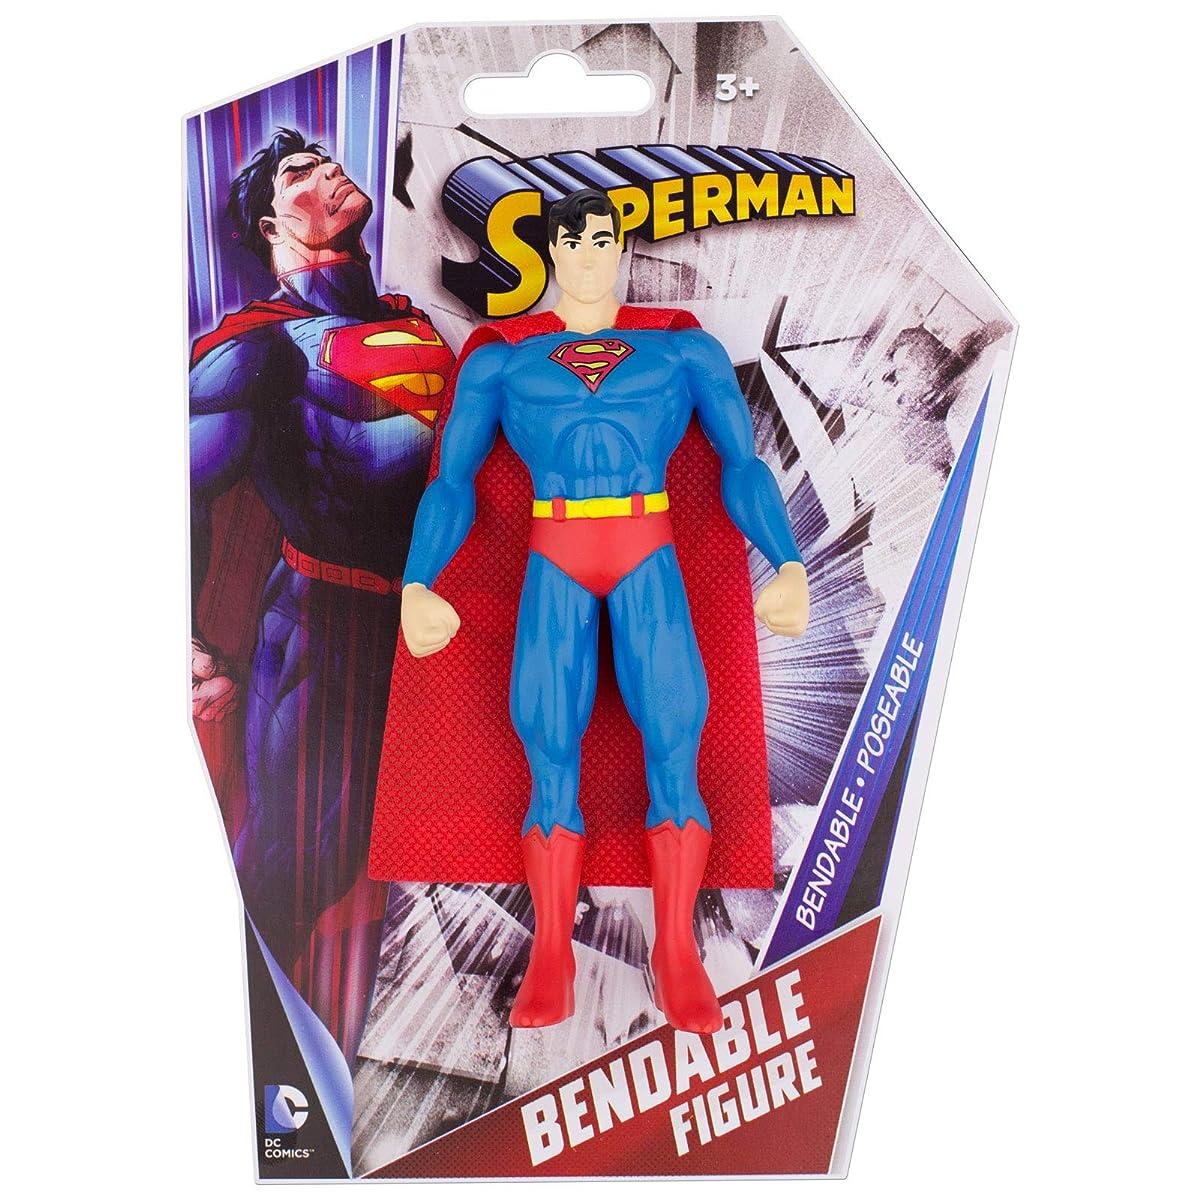 NJ Croce Classic Superman Action Figure